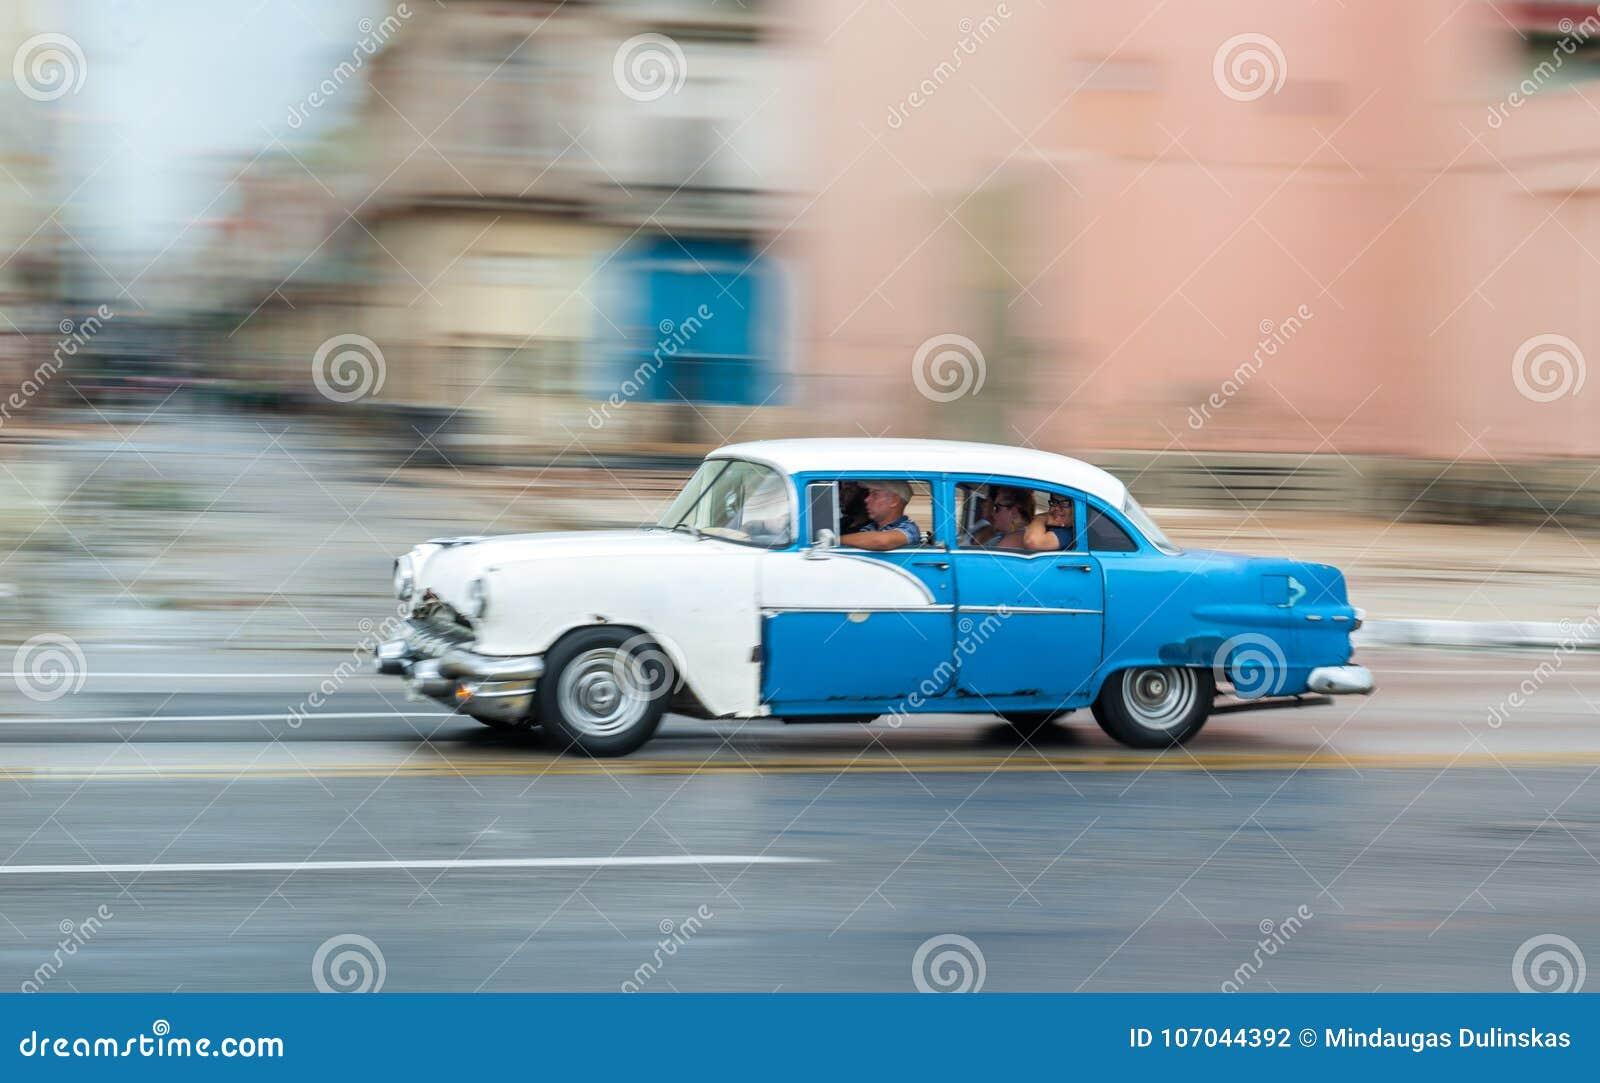 ГАВАНА, КУБА - 21-ОЕ ОКТЯБРЯ 2017: Старый автомобиль в Гаване, Кубе Pannnig Ретро корабль обычно используя как такси для местных